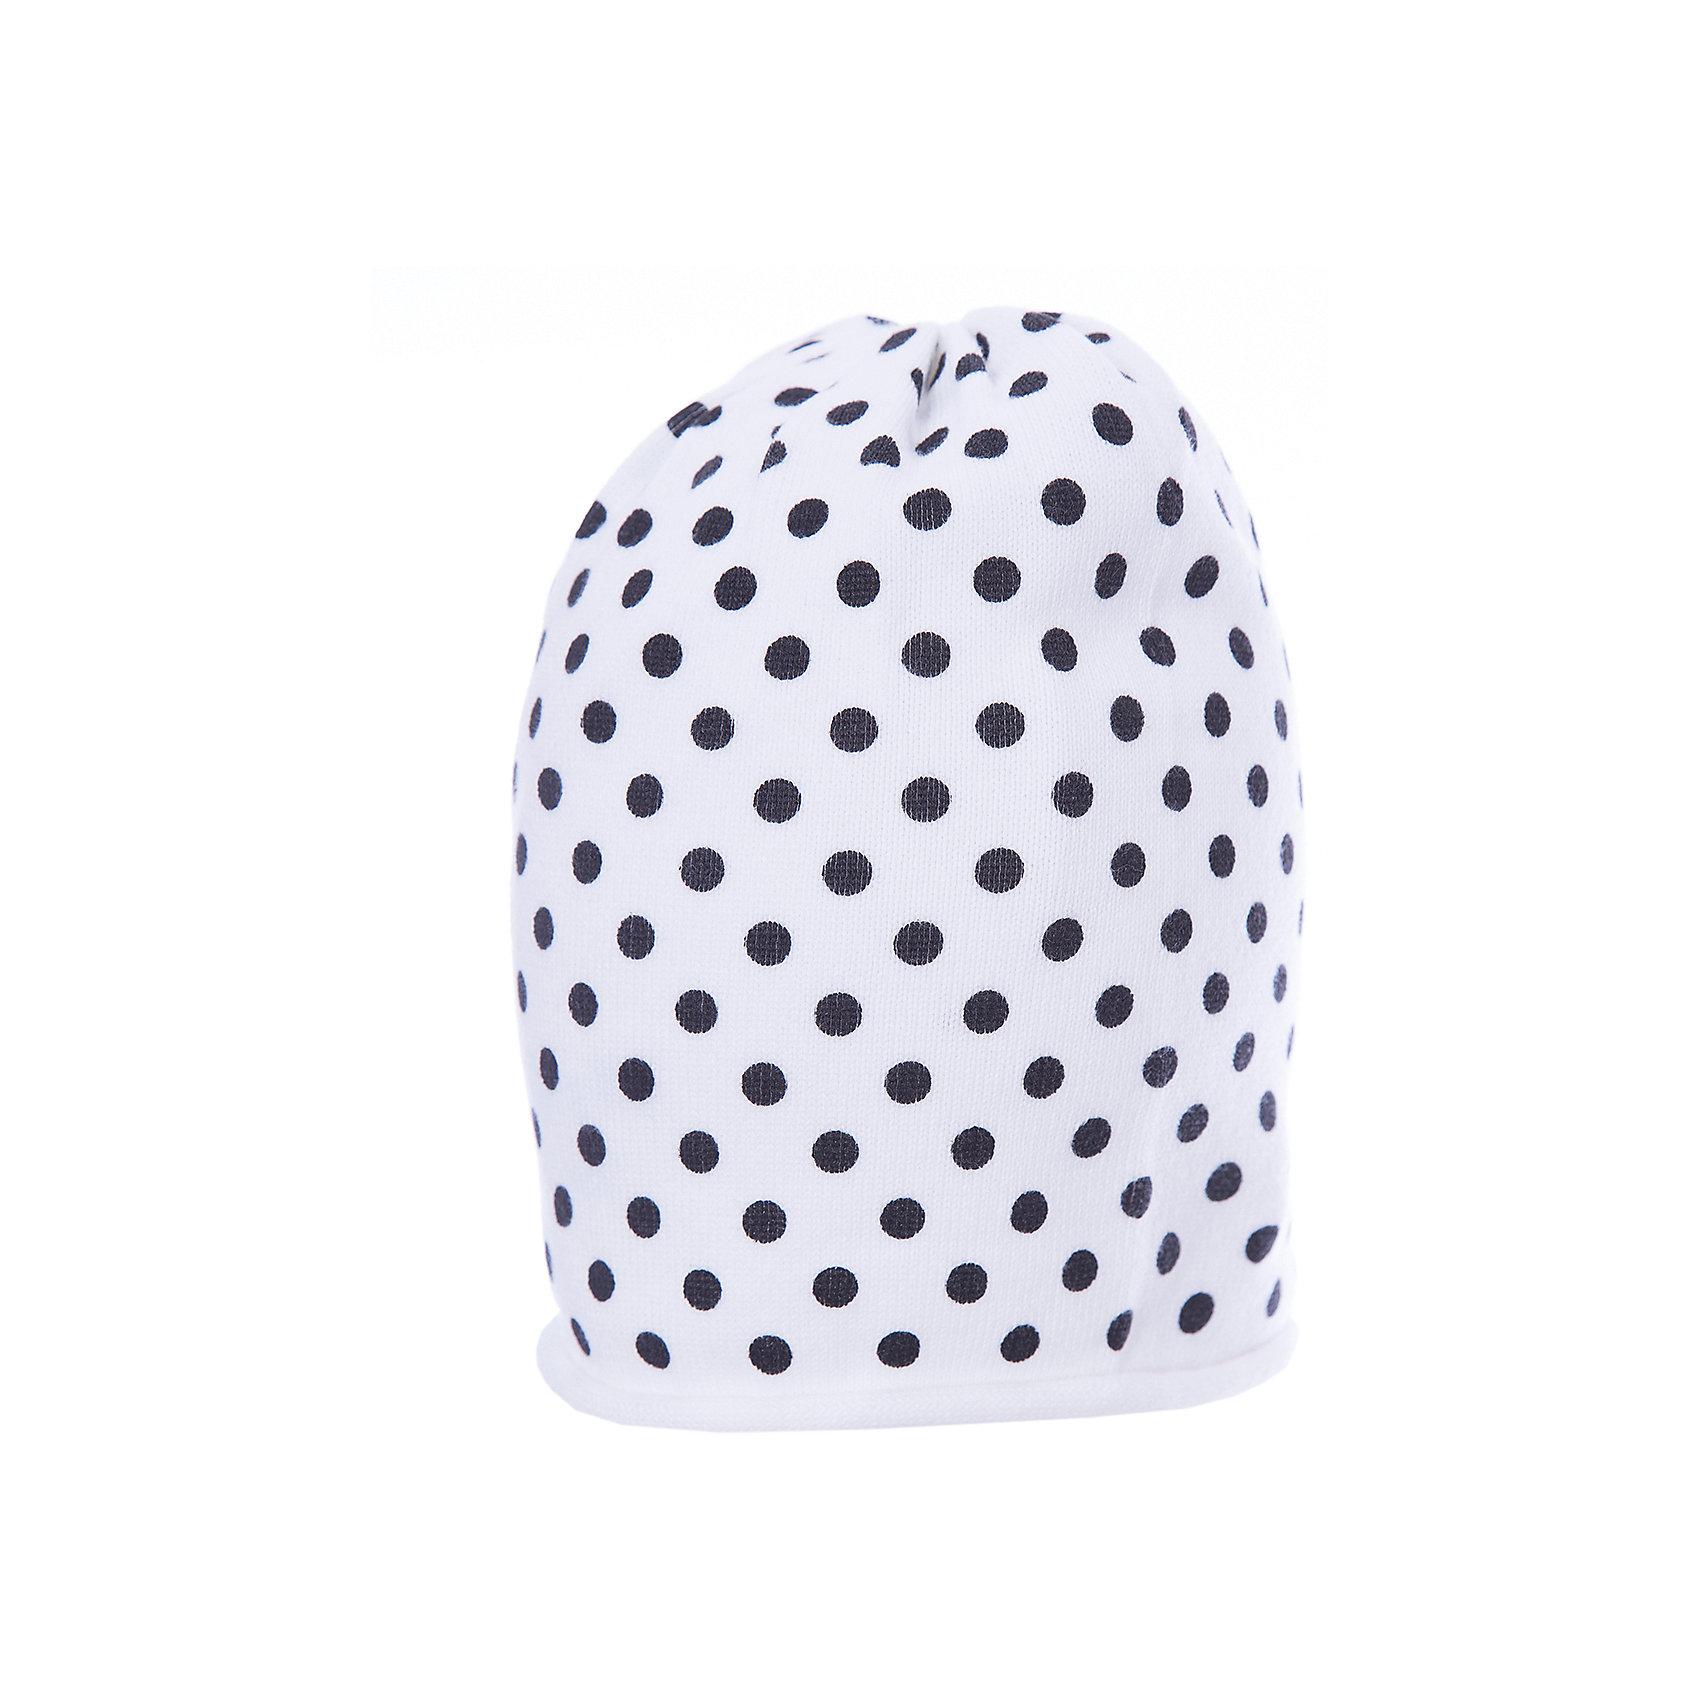 Шапка для девочки GulliverЯркая вязаная шапка красиво завершит образ, сделав его новым, свежим, интересным. Если вы хотите сформировать модный позитивный весенне-летний гардероб юной леди, белая шапка в горошек с изящным руликом и контрастным брендированным флажком - отличный выбор.<br>Состав:<br>100% хлопок<br><br>Ширина мм: 89<br>Глубина мм: 117<br>Высота мм: 44<br>Вес г: 155<br>Цвет: белый<br>Возраст от месяцев: 48<br>Возраст до месяцев: 60<br>Пол: Женский<br>Возраст: Детский<br>Размер: 52,50<br>SKU: 5483599